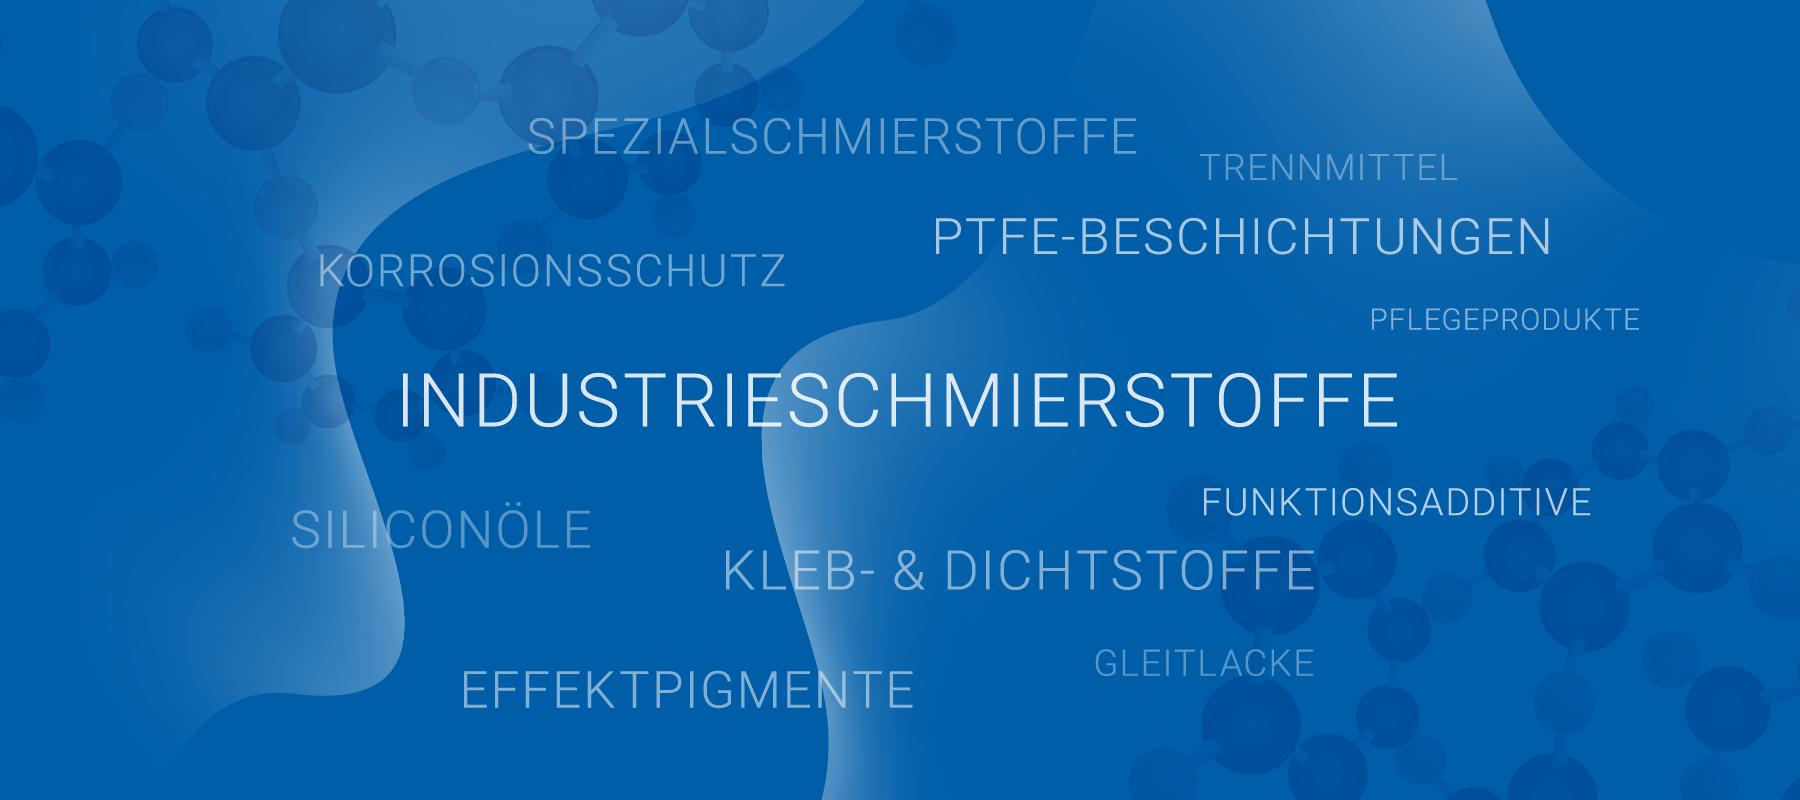 Industrieschmierstoffe der H. Costenoble GmbH & Co. KG